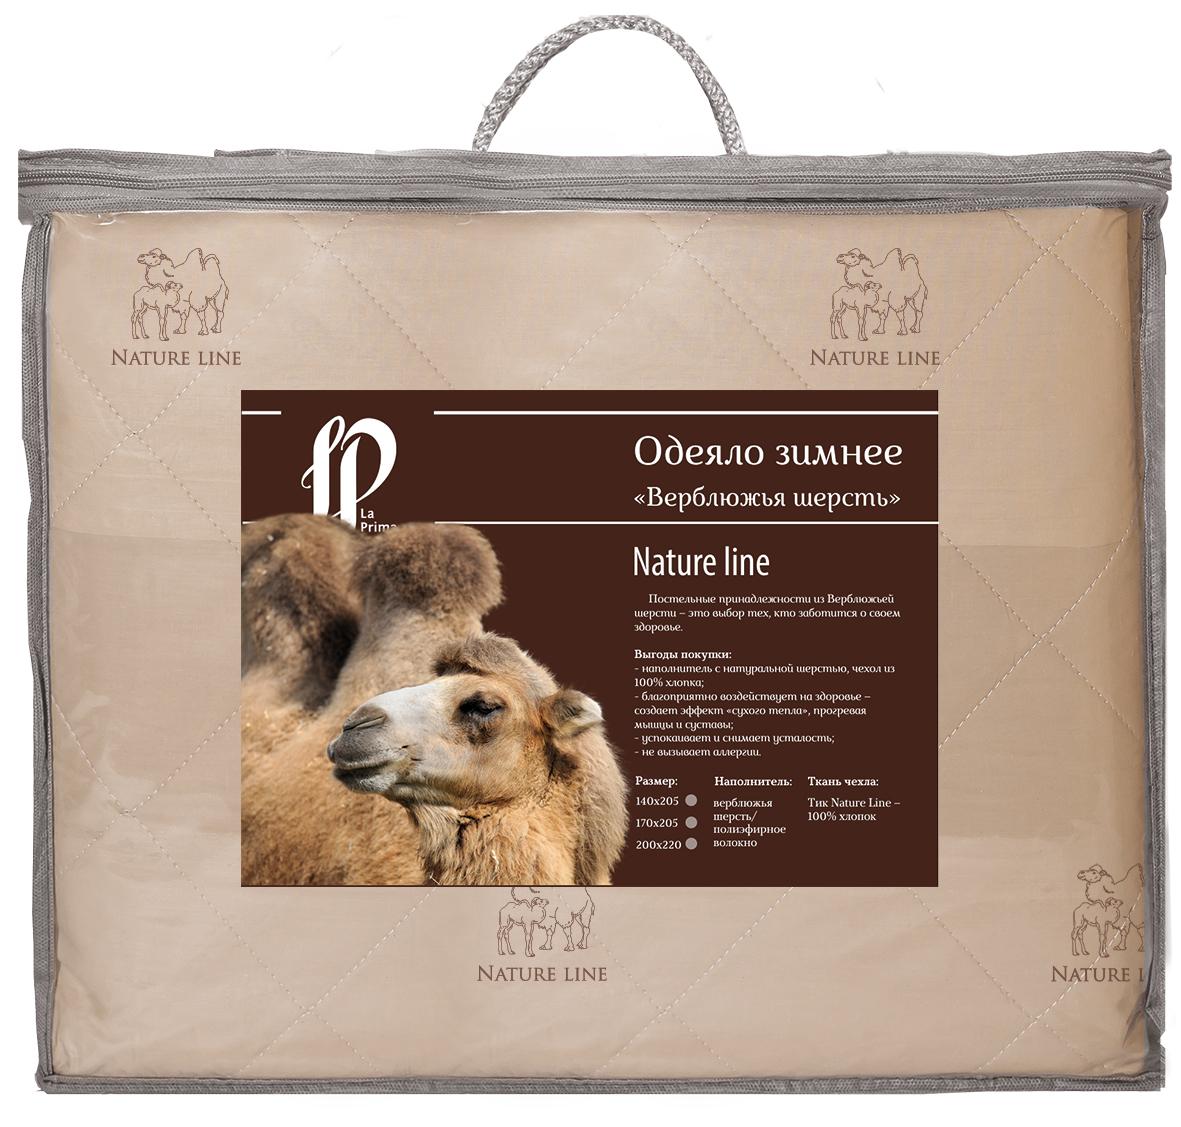 Одеяло из верблюжей шерсти зимнее, 2х, 170*205531-10540% верблюжья шерсть/ 60 полиэфирное волокно